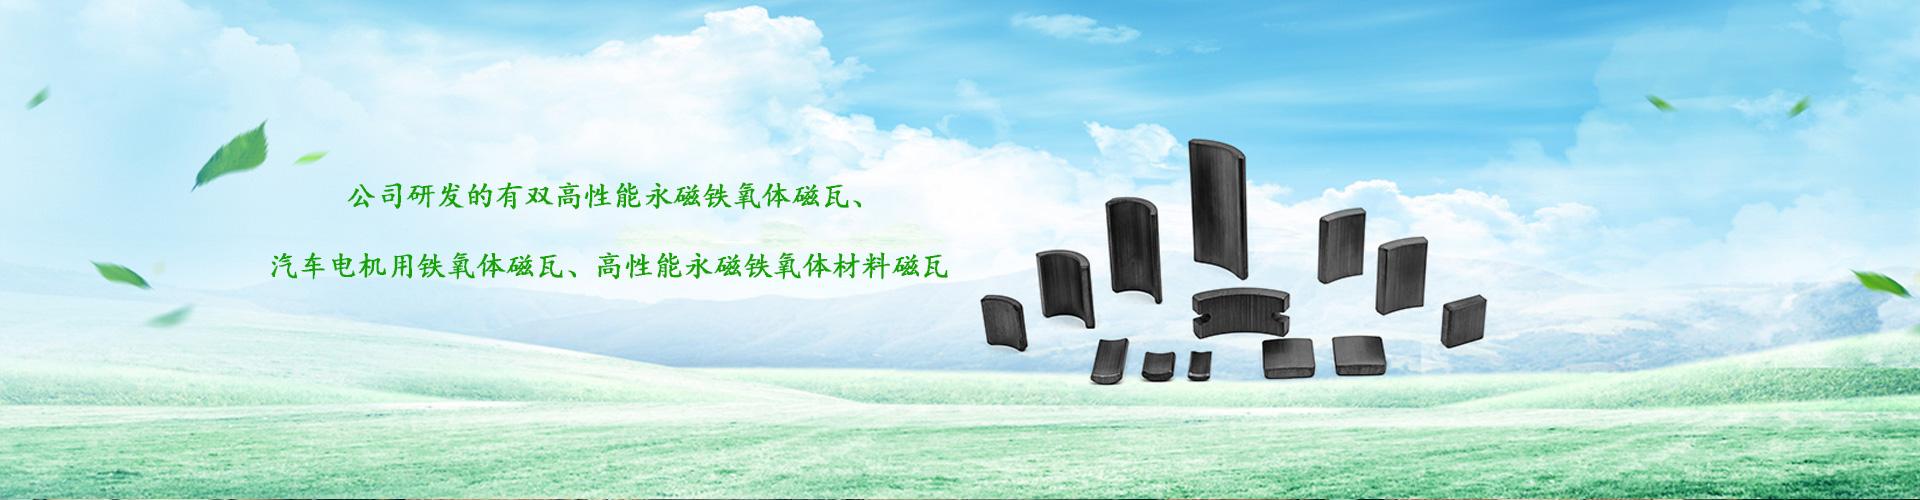 安徽龙磁科技有限公司-banner2